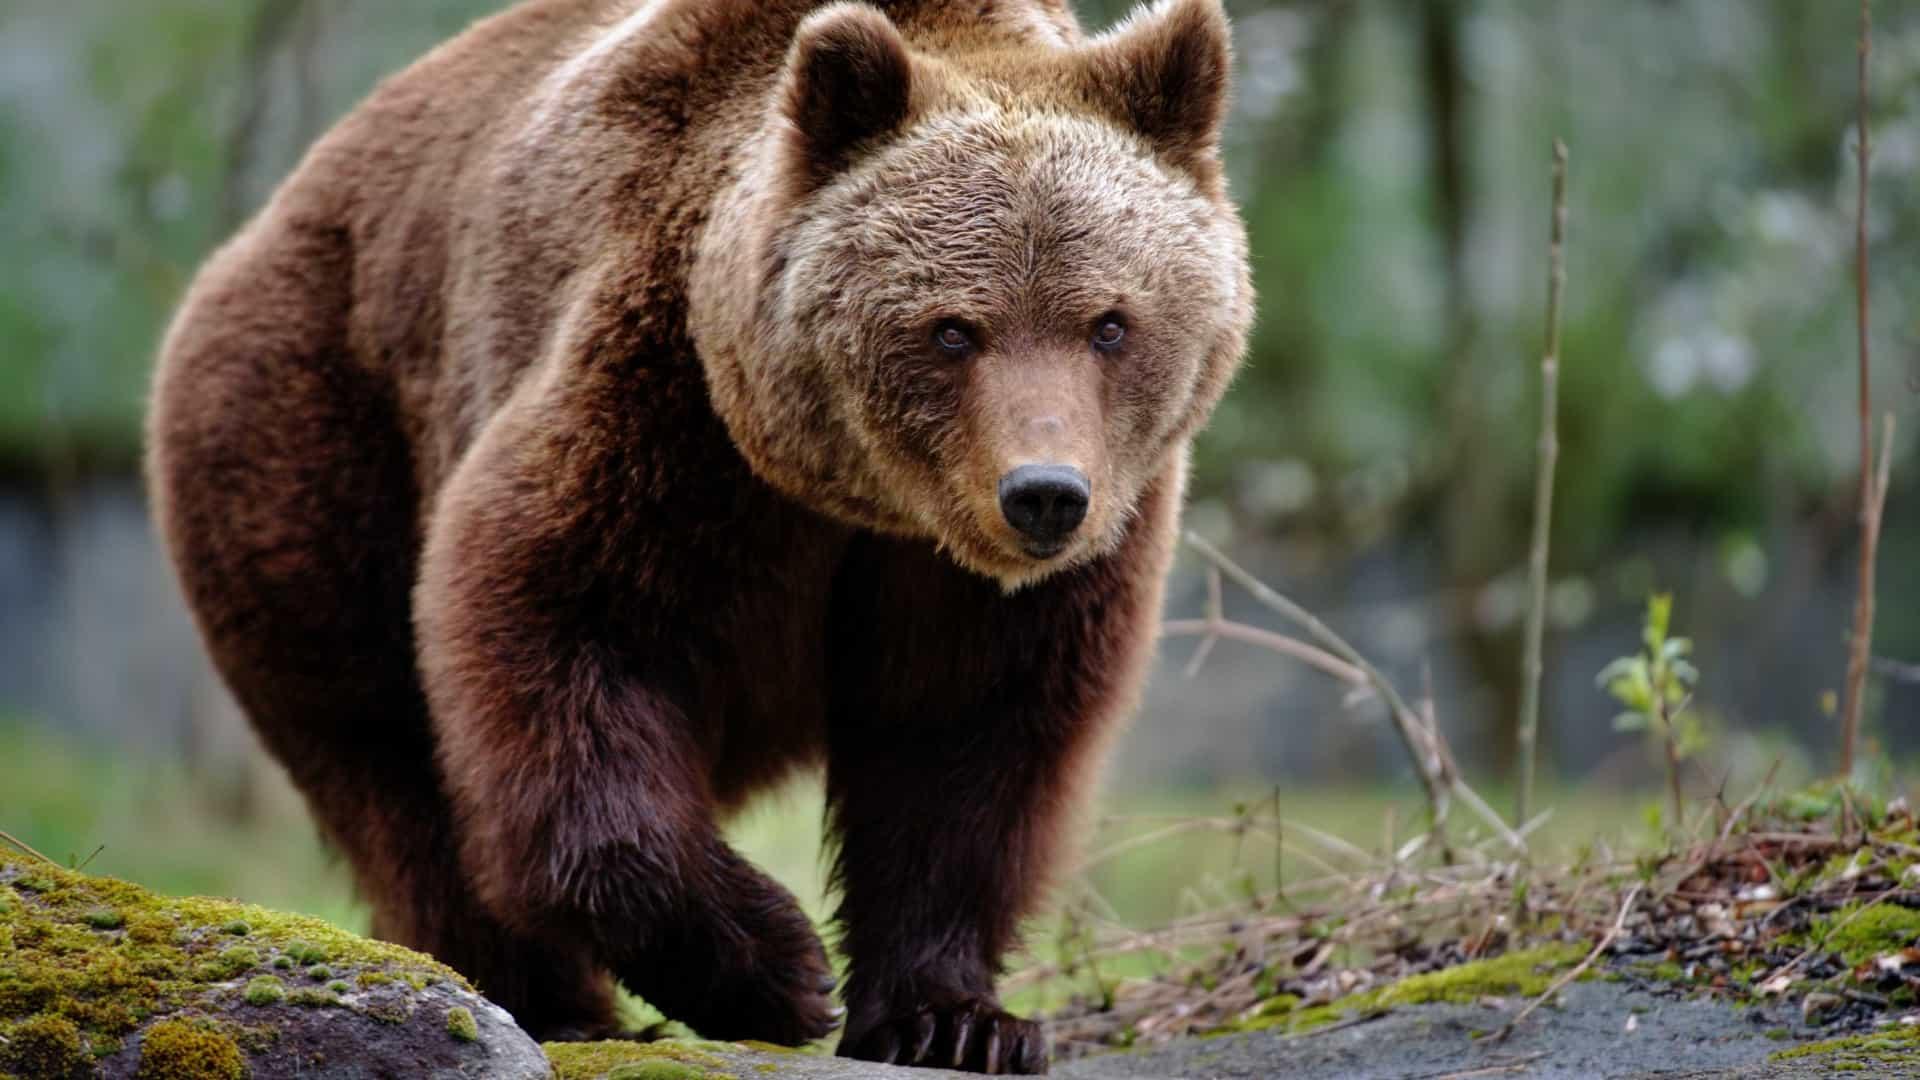 Ursos - Características, hábitos, reprodução e espécies